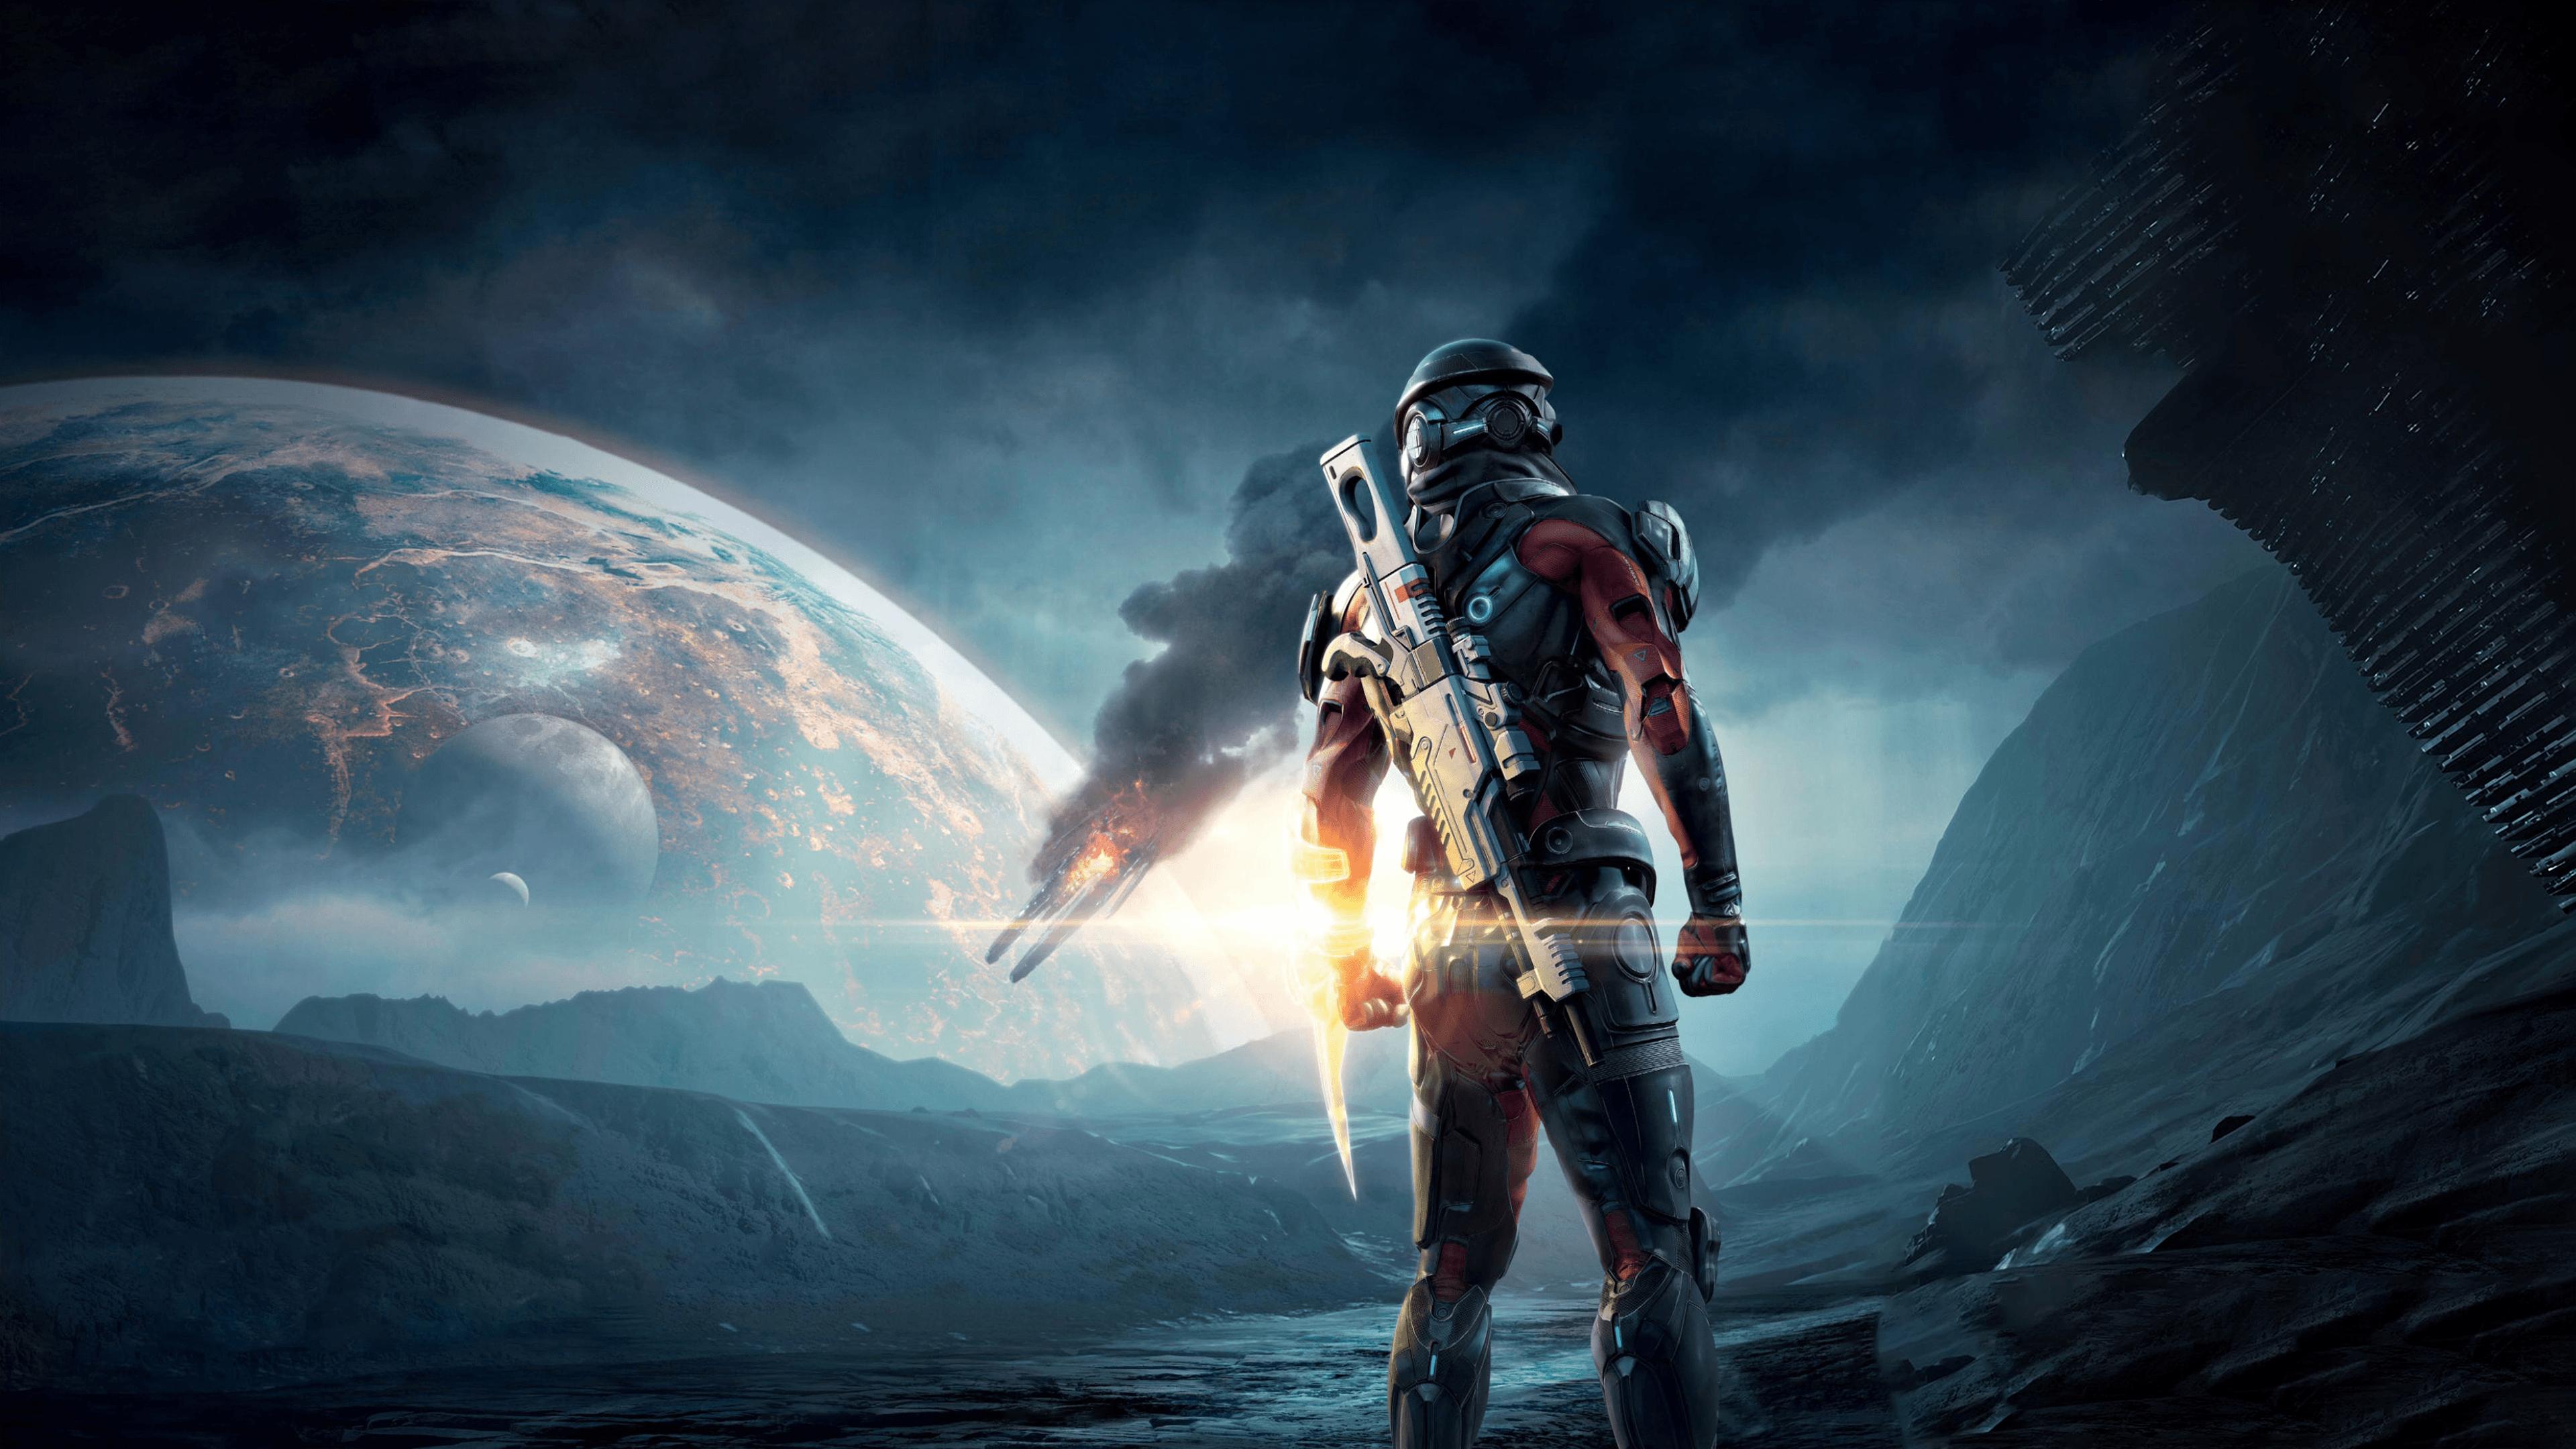 Mass Effect 4k Wallpapers Top Free Mass Effect 4k